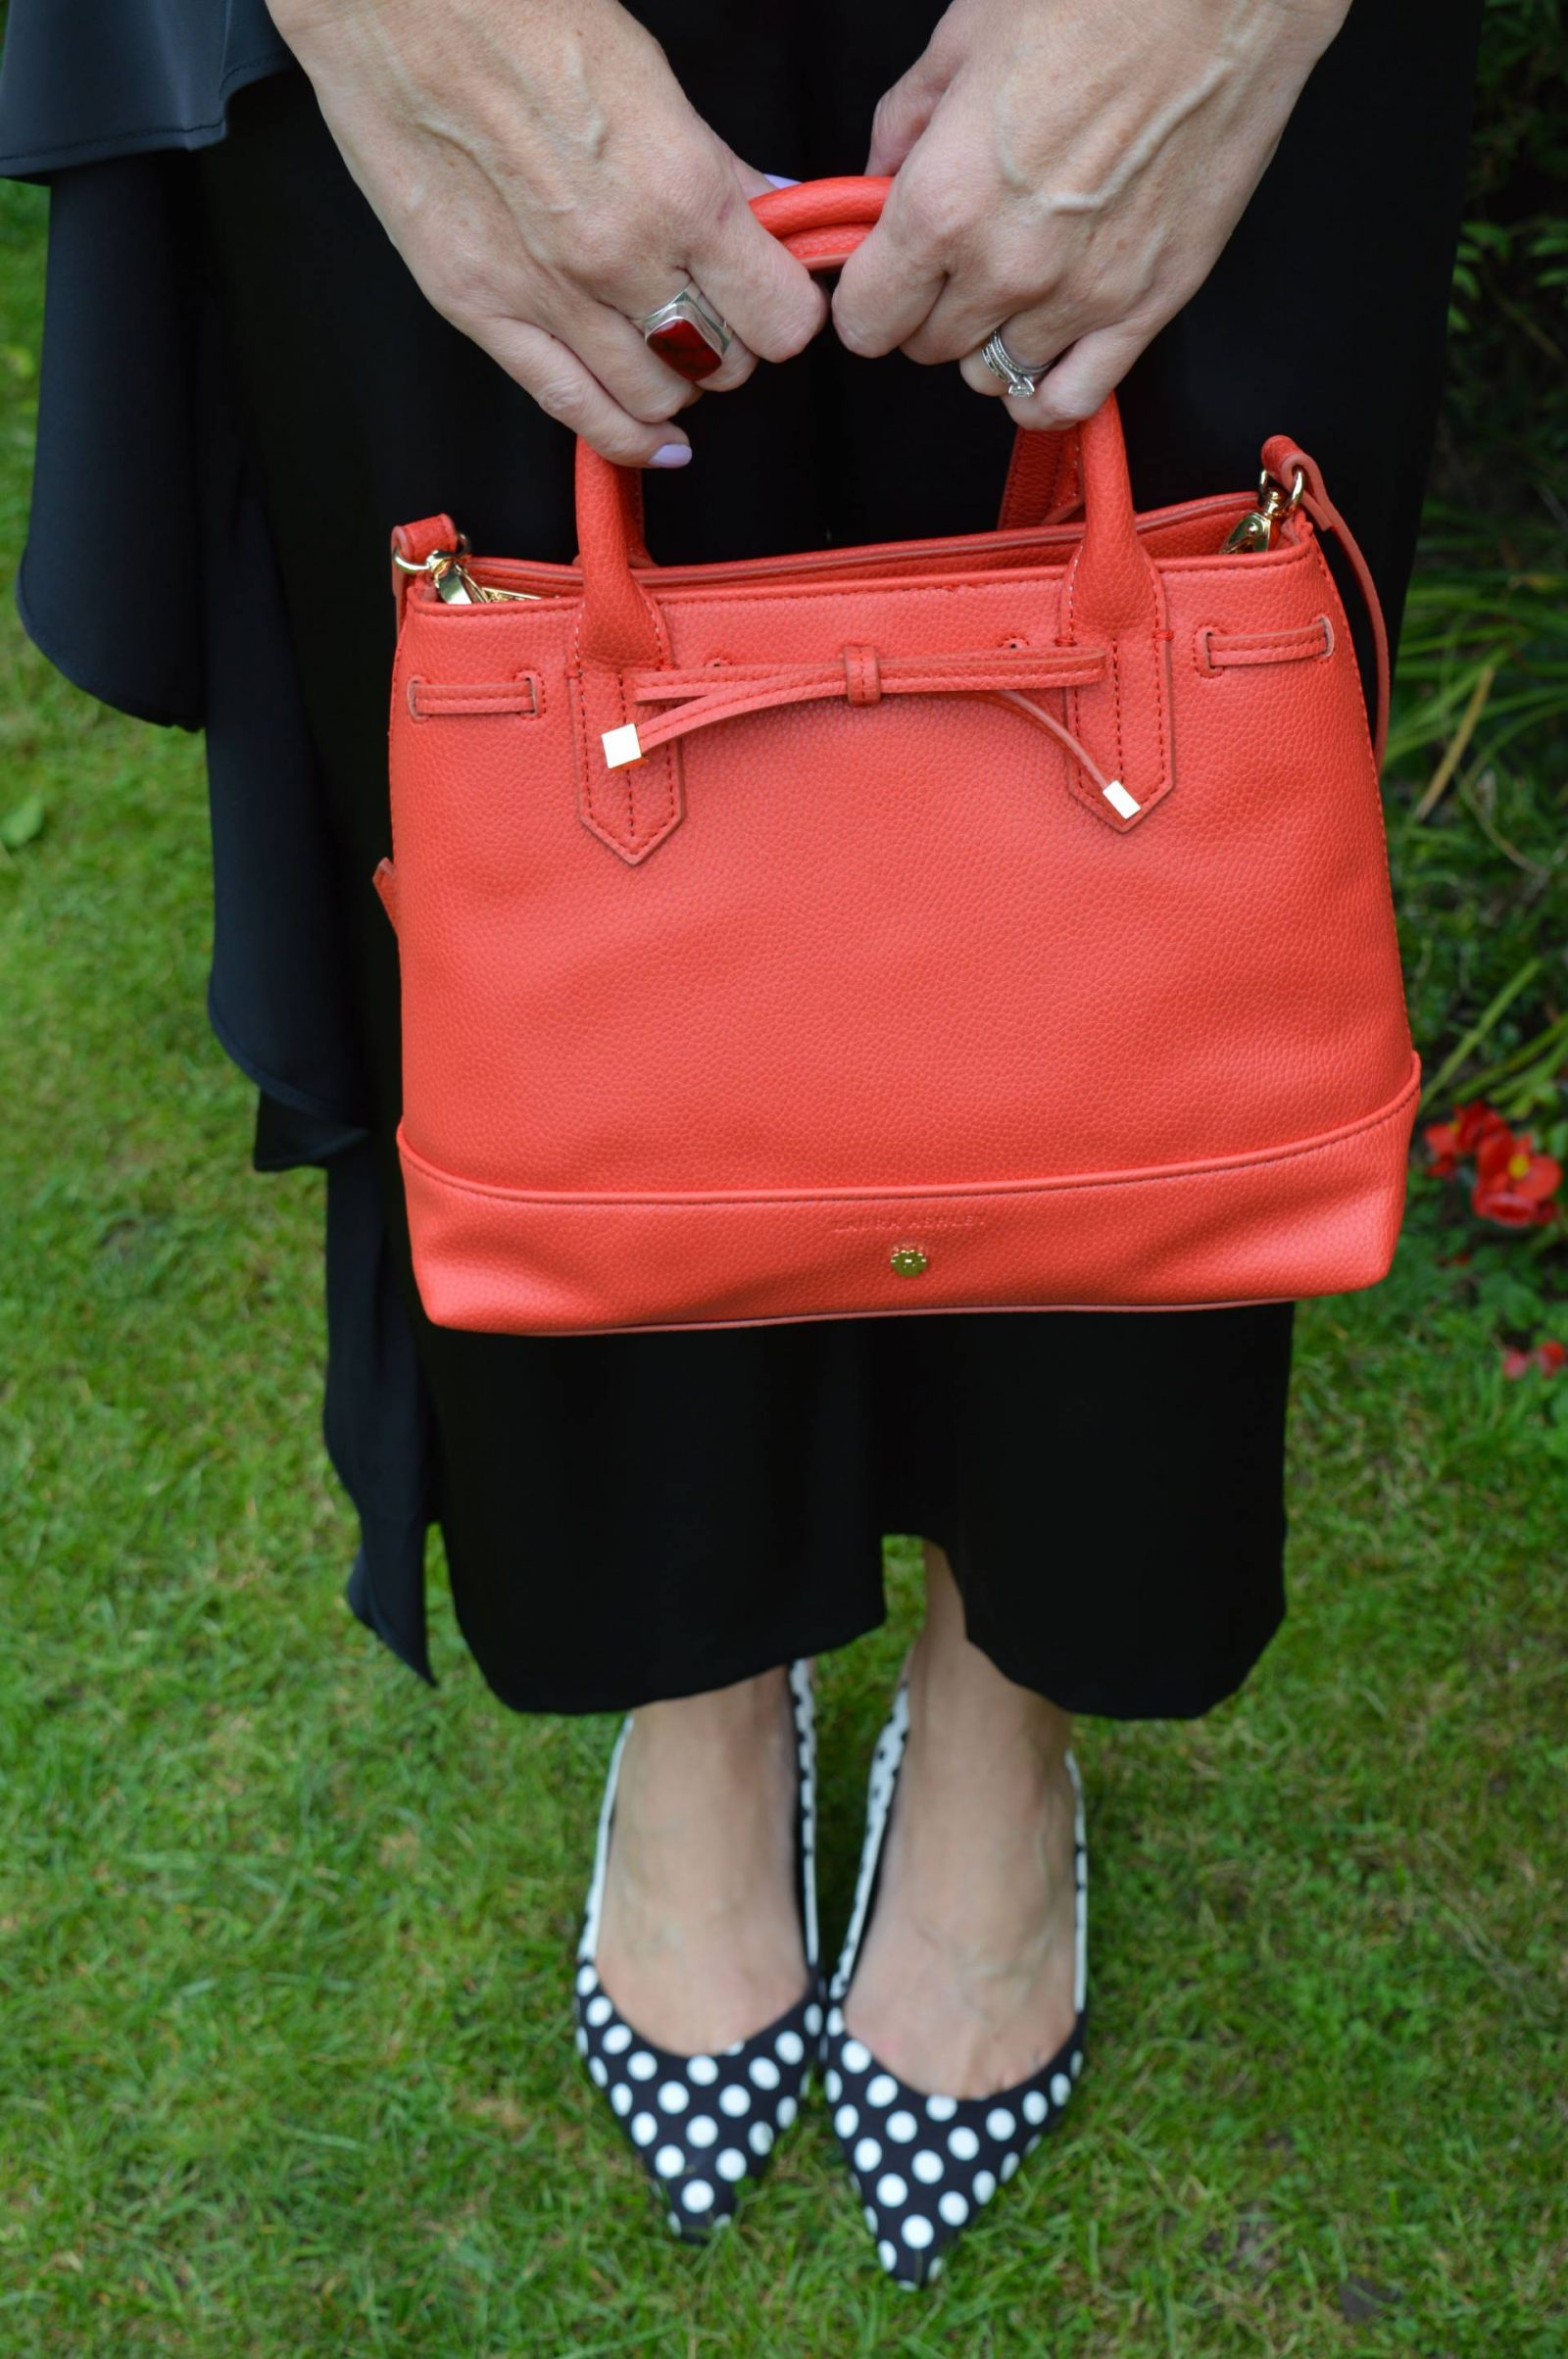 Laura Ashley orange grab bag, Marks & Spencer polka dot slingback shoes